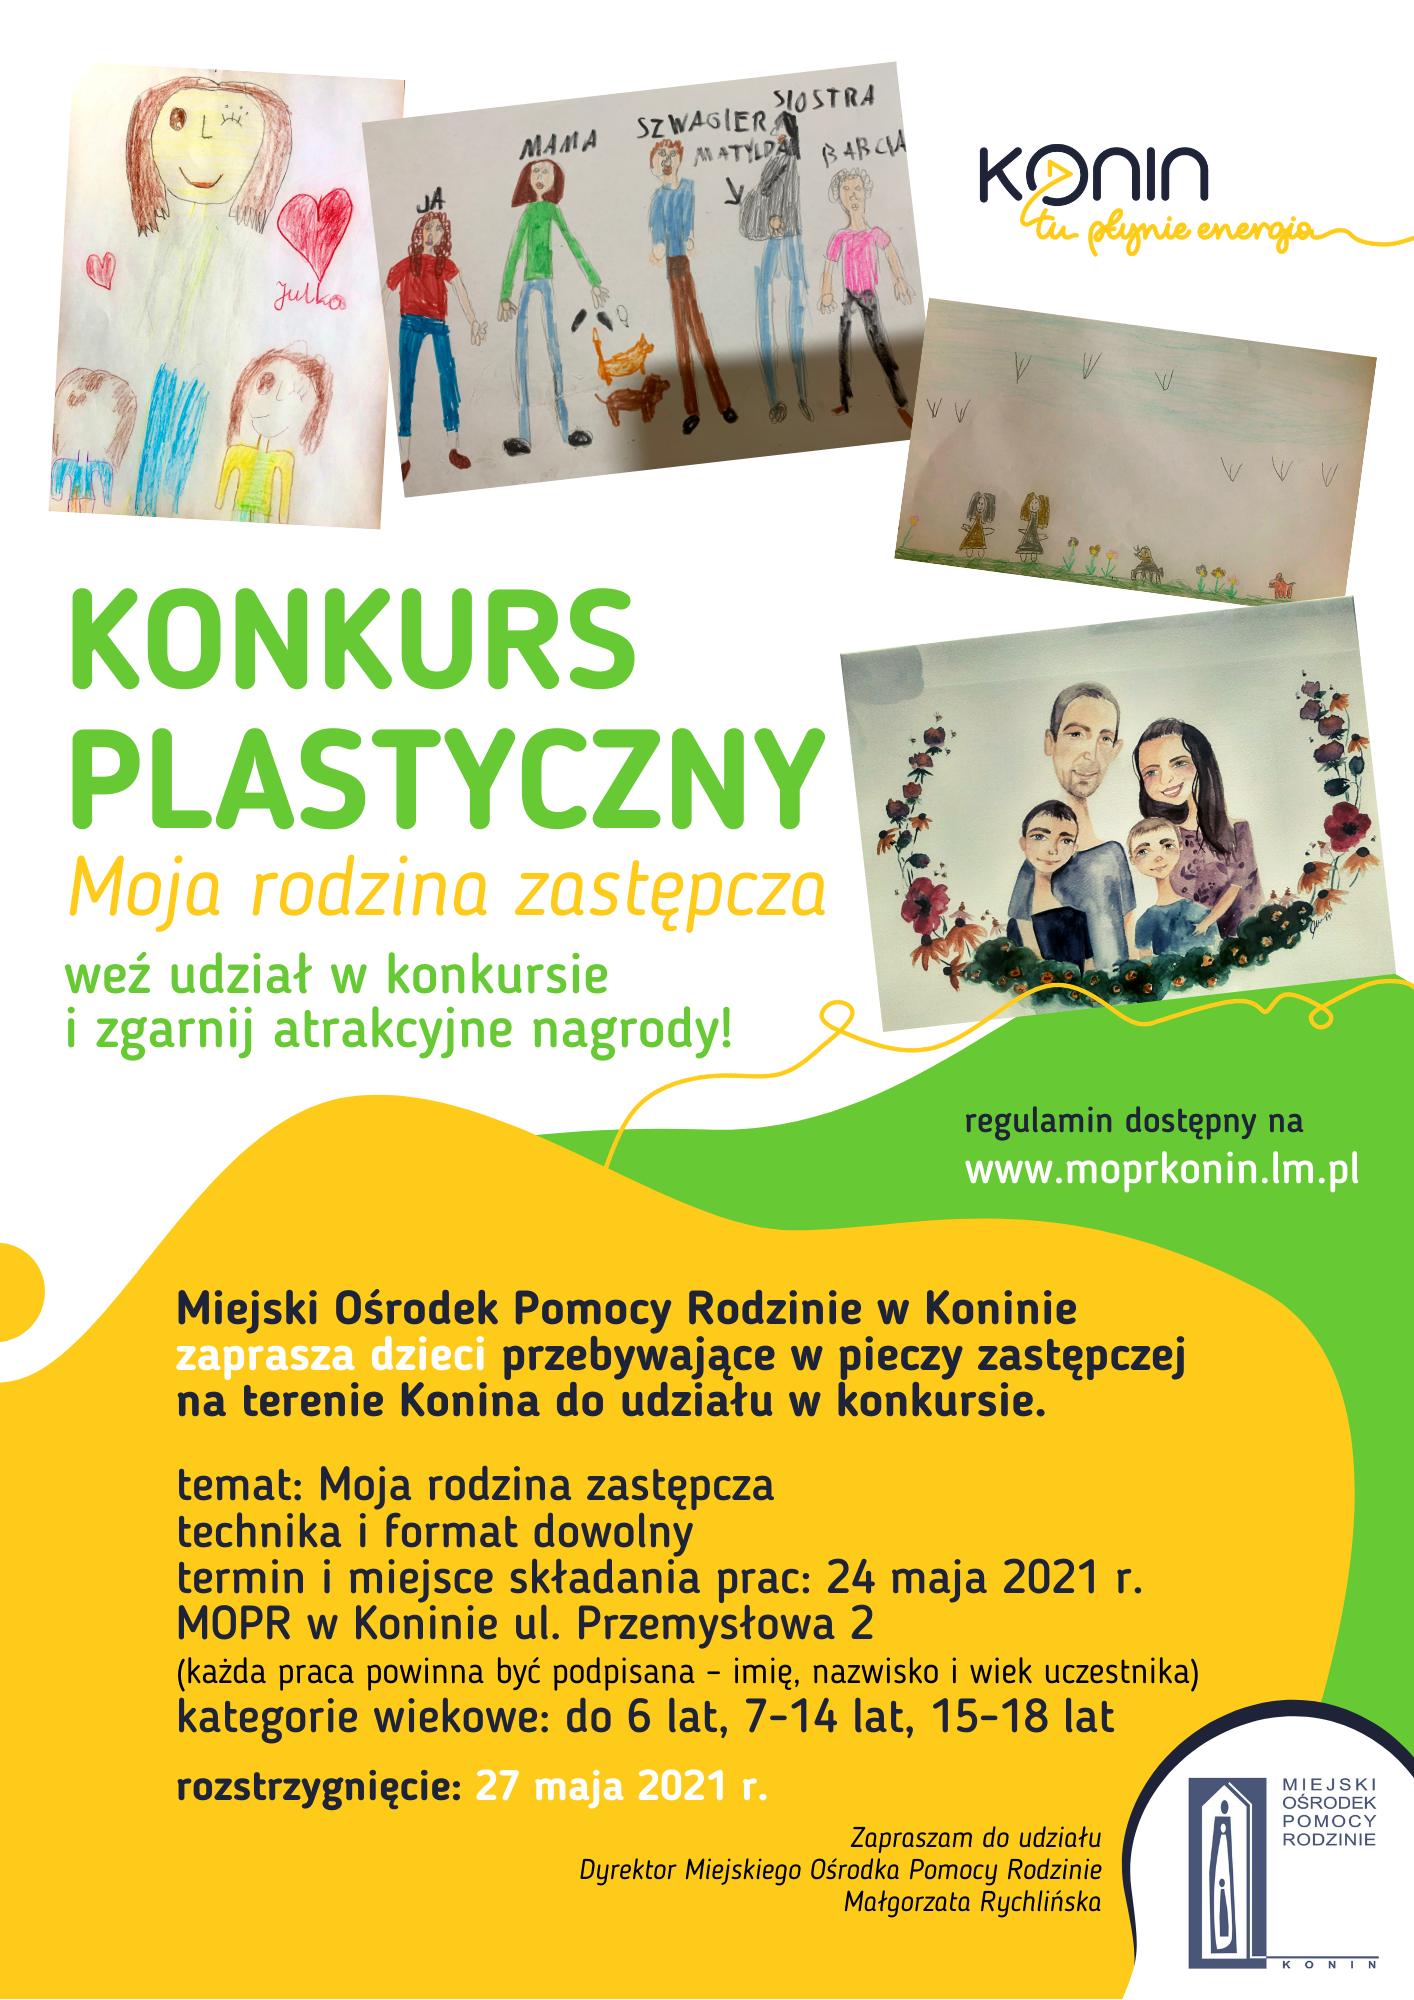 Plakat ogłaszający konkurs plastyczny dla dzieci przebywających w pieczy zastępczej na temat Moja rodzina zastępcza.